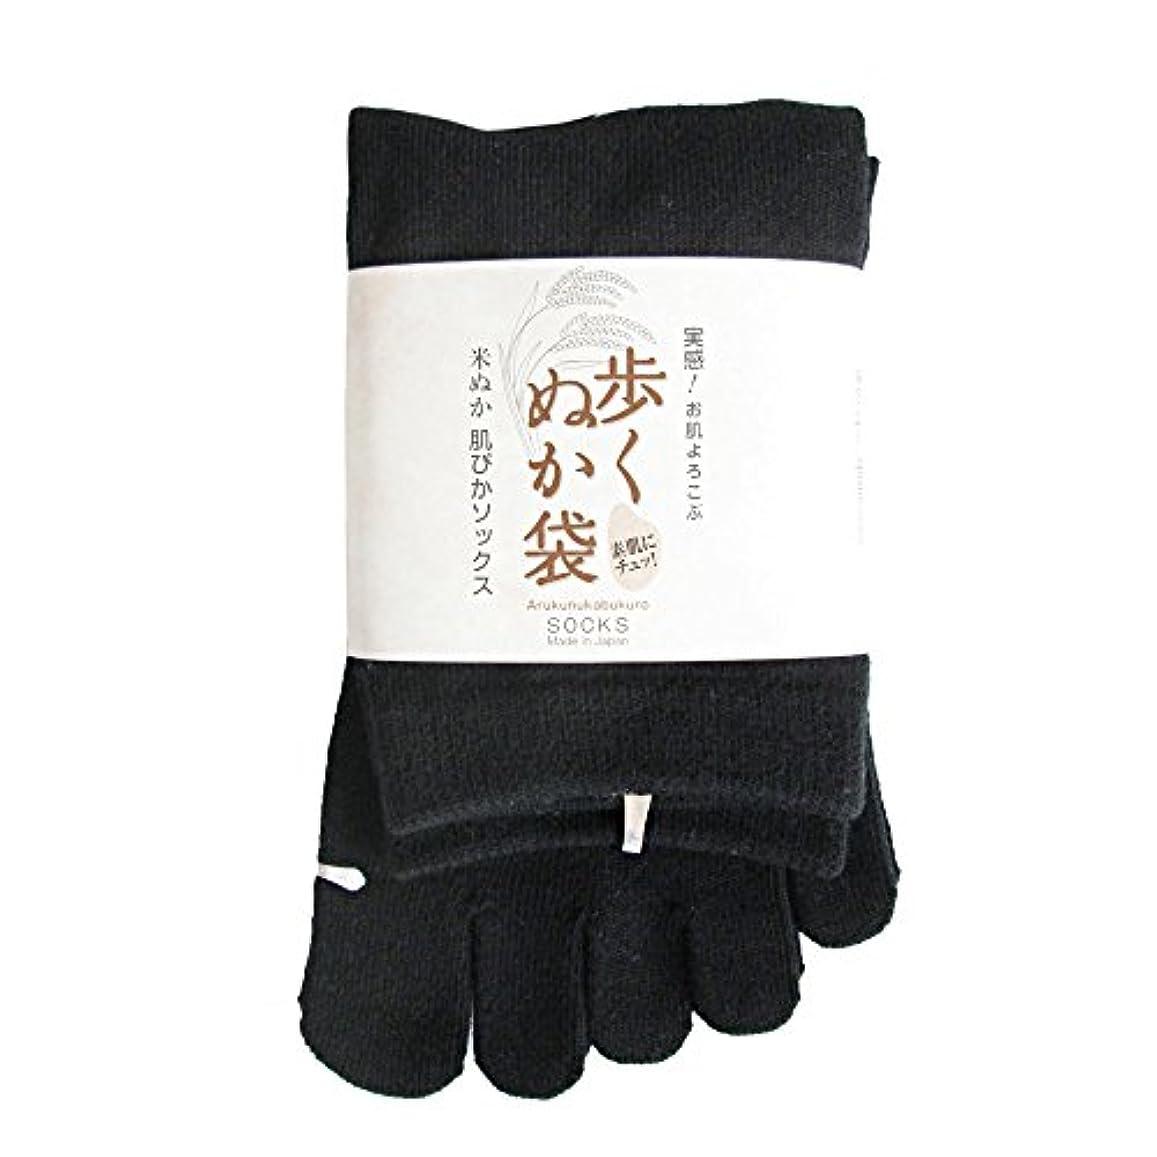 フレキシブル百クマノミ歩くぬか袋 米ぬかシリコン五本指 23-25cm ブラック